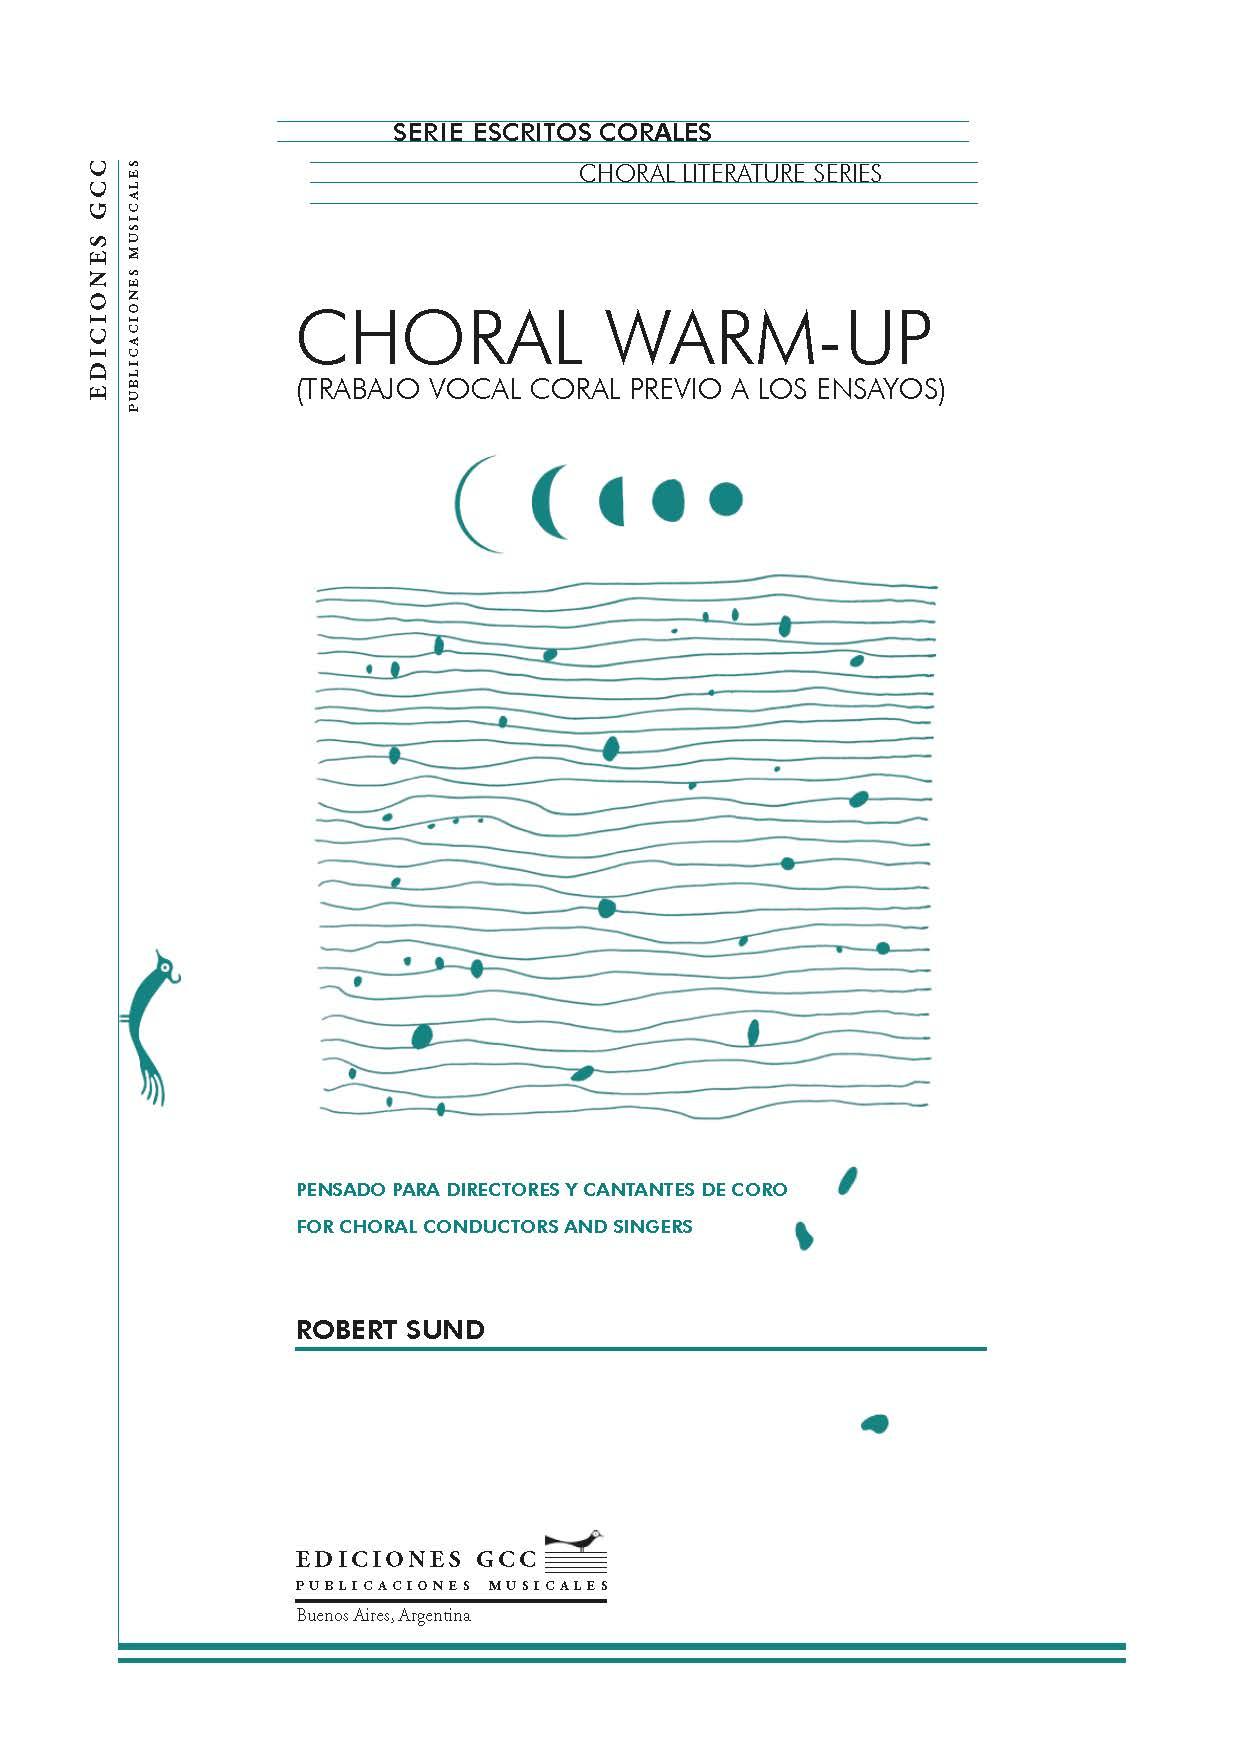 Choral Warm- up (Trabajo vocal coral previo a los ensayos)